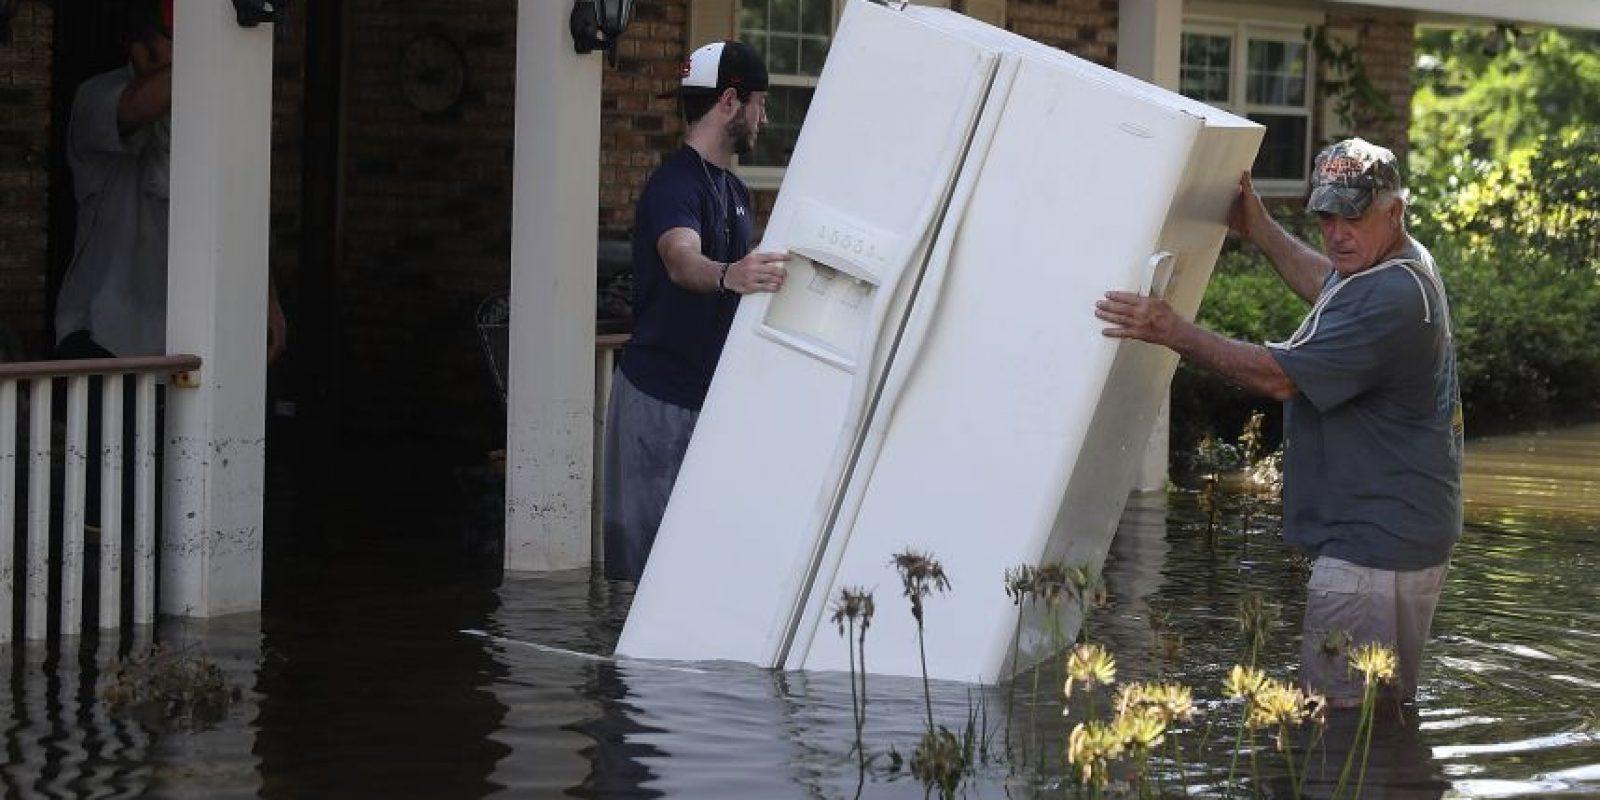 Las lluvias en Louisiana han afectado a miles de personas que han perdido sus hogares. Foto:Gettyimages